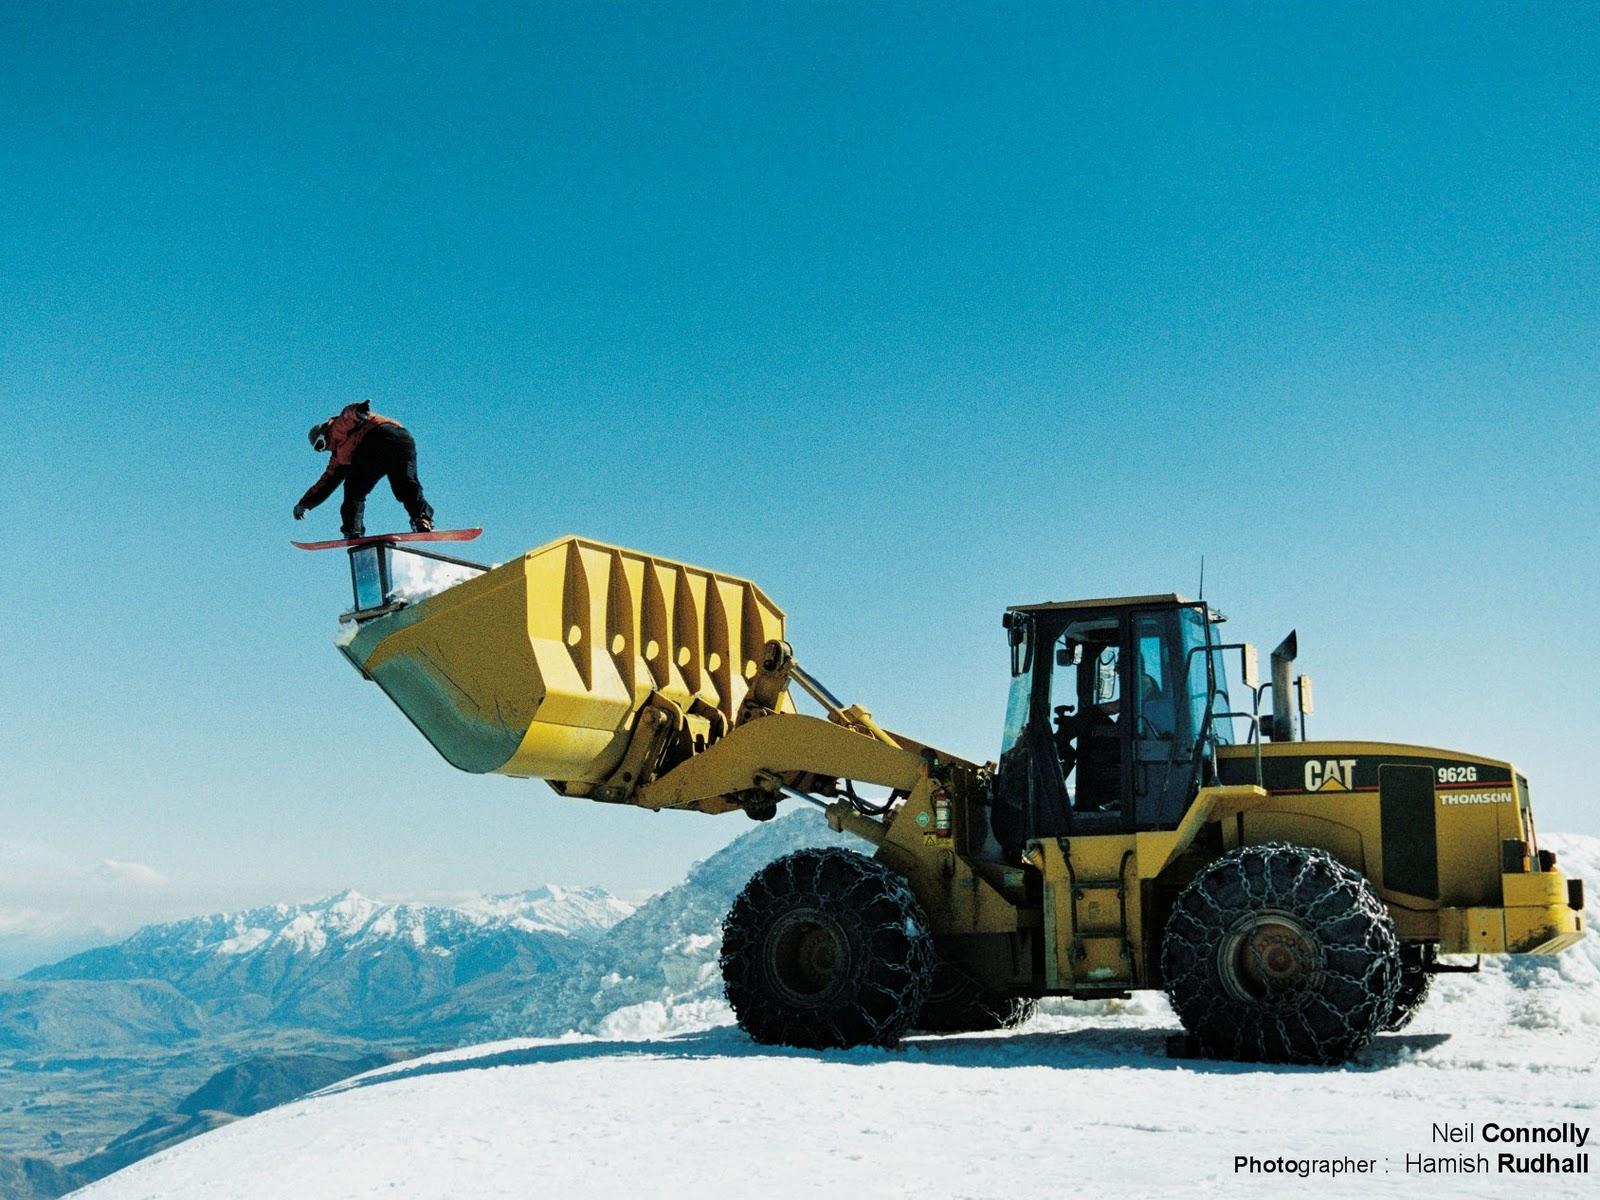 http://1.bp.blogspot.com/-Sc0t4Xq8DQw/TvcXtlFH9qI/AAAAAAAAAw4/q4PoiXciJCI/s1600/SnowBoard5.jpg